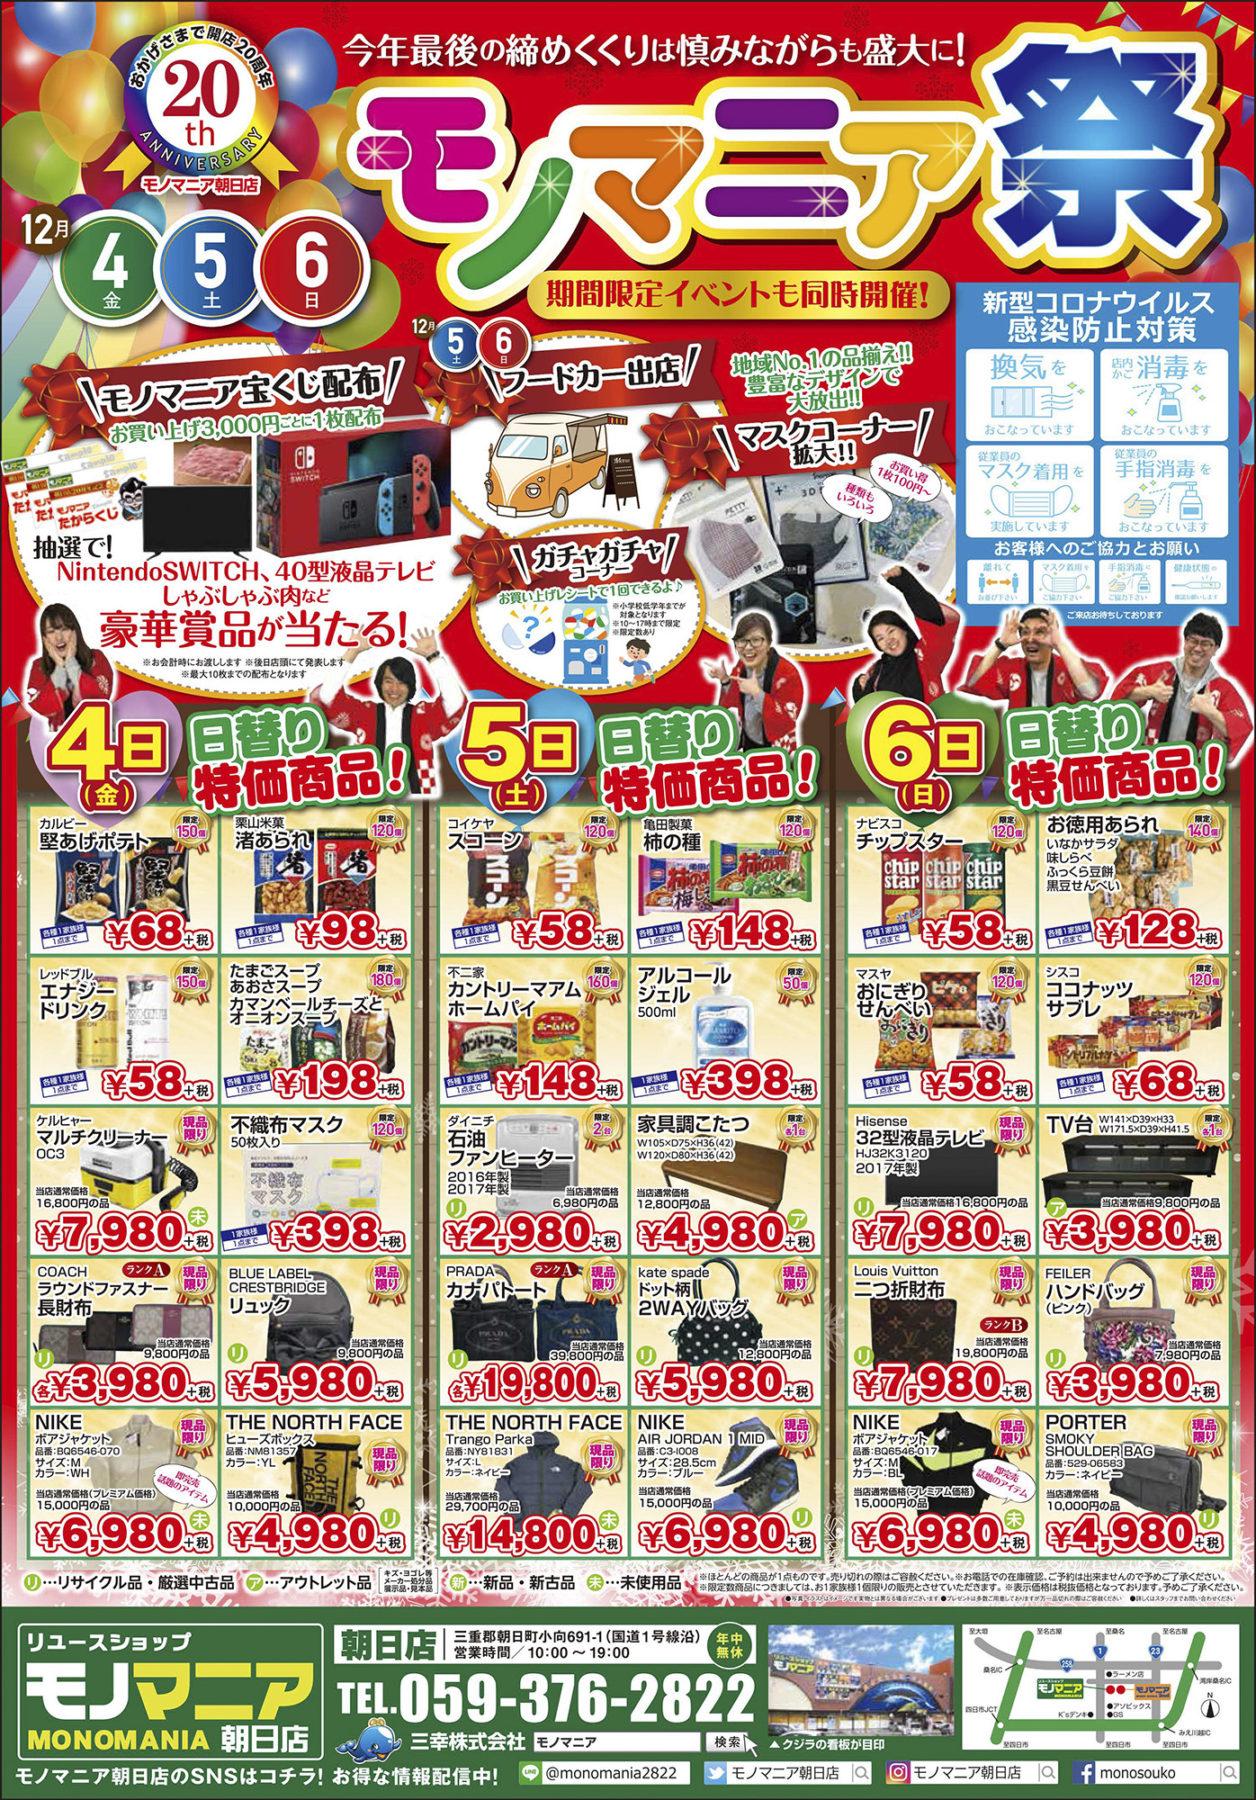 モノマニア祭2020【モノマニア朝日店】チラシ表